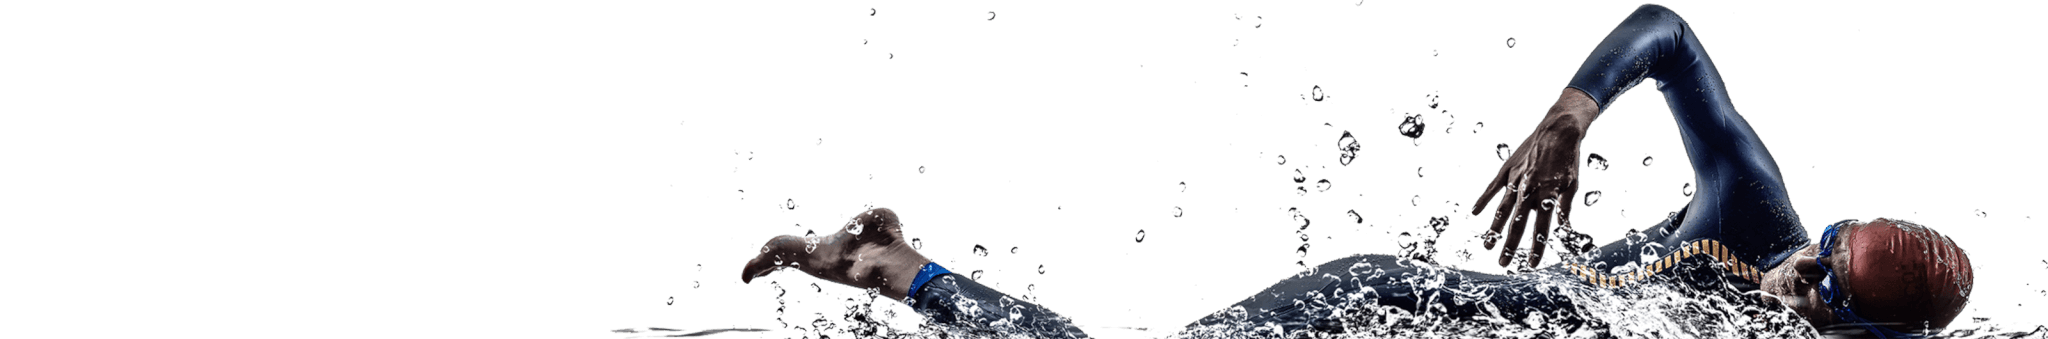 https://yuzme.org.tr/wp-content/uploads/2017/10/inner_swimmer.png